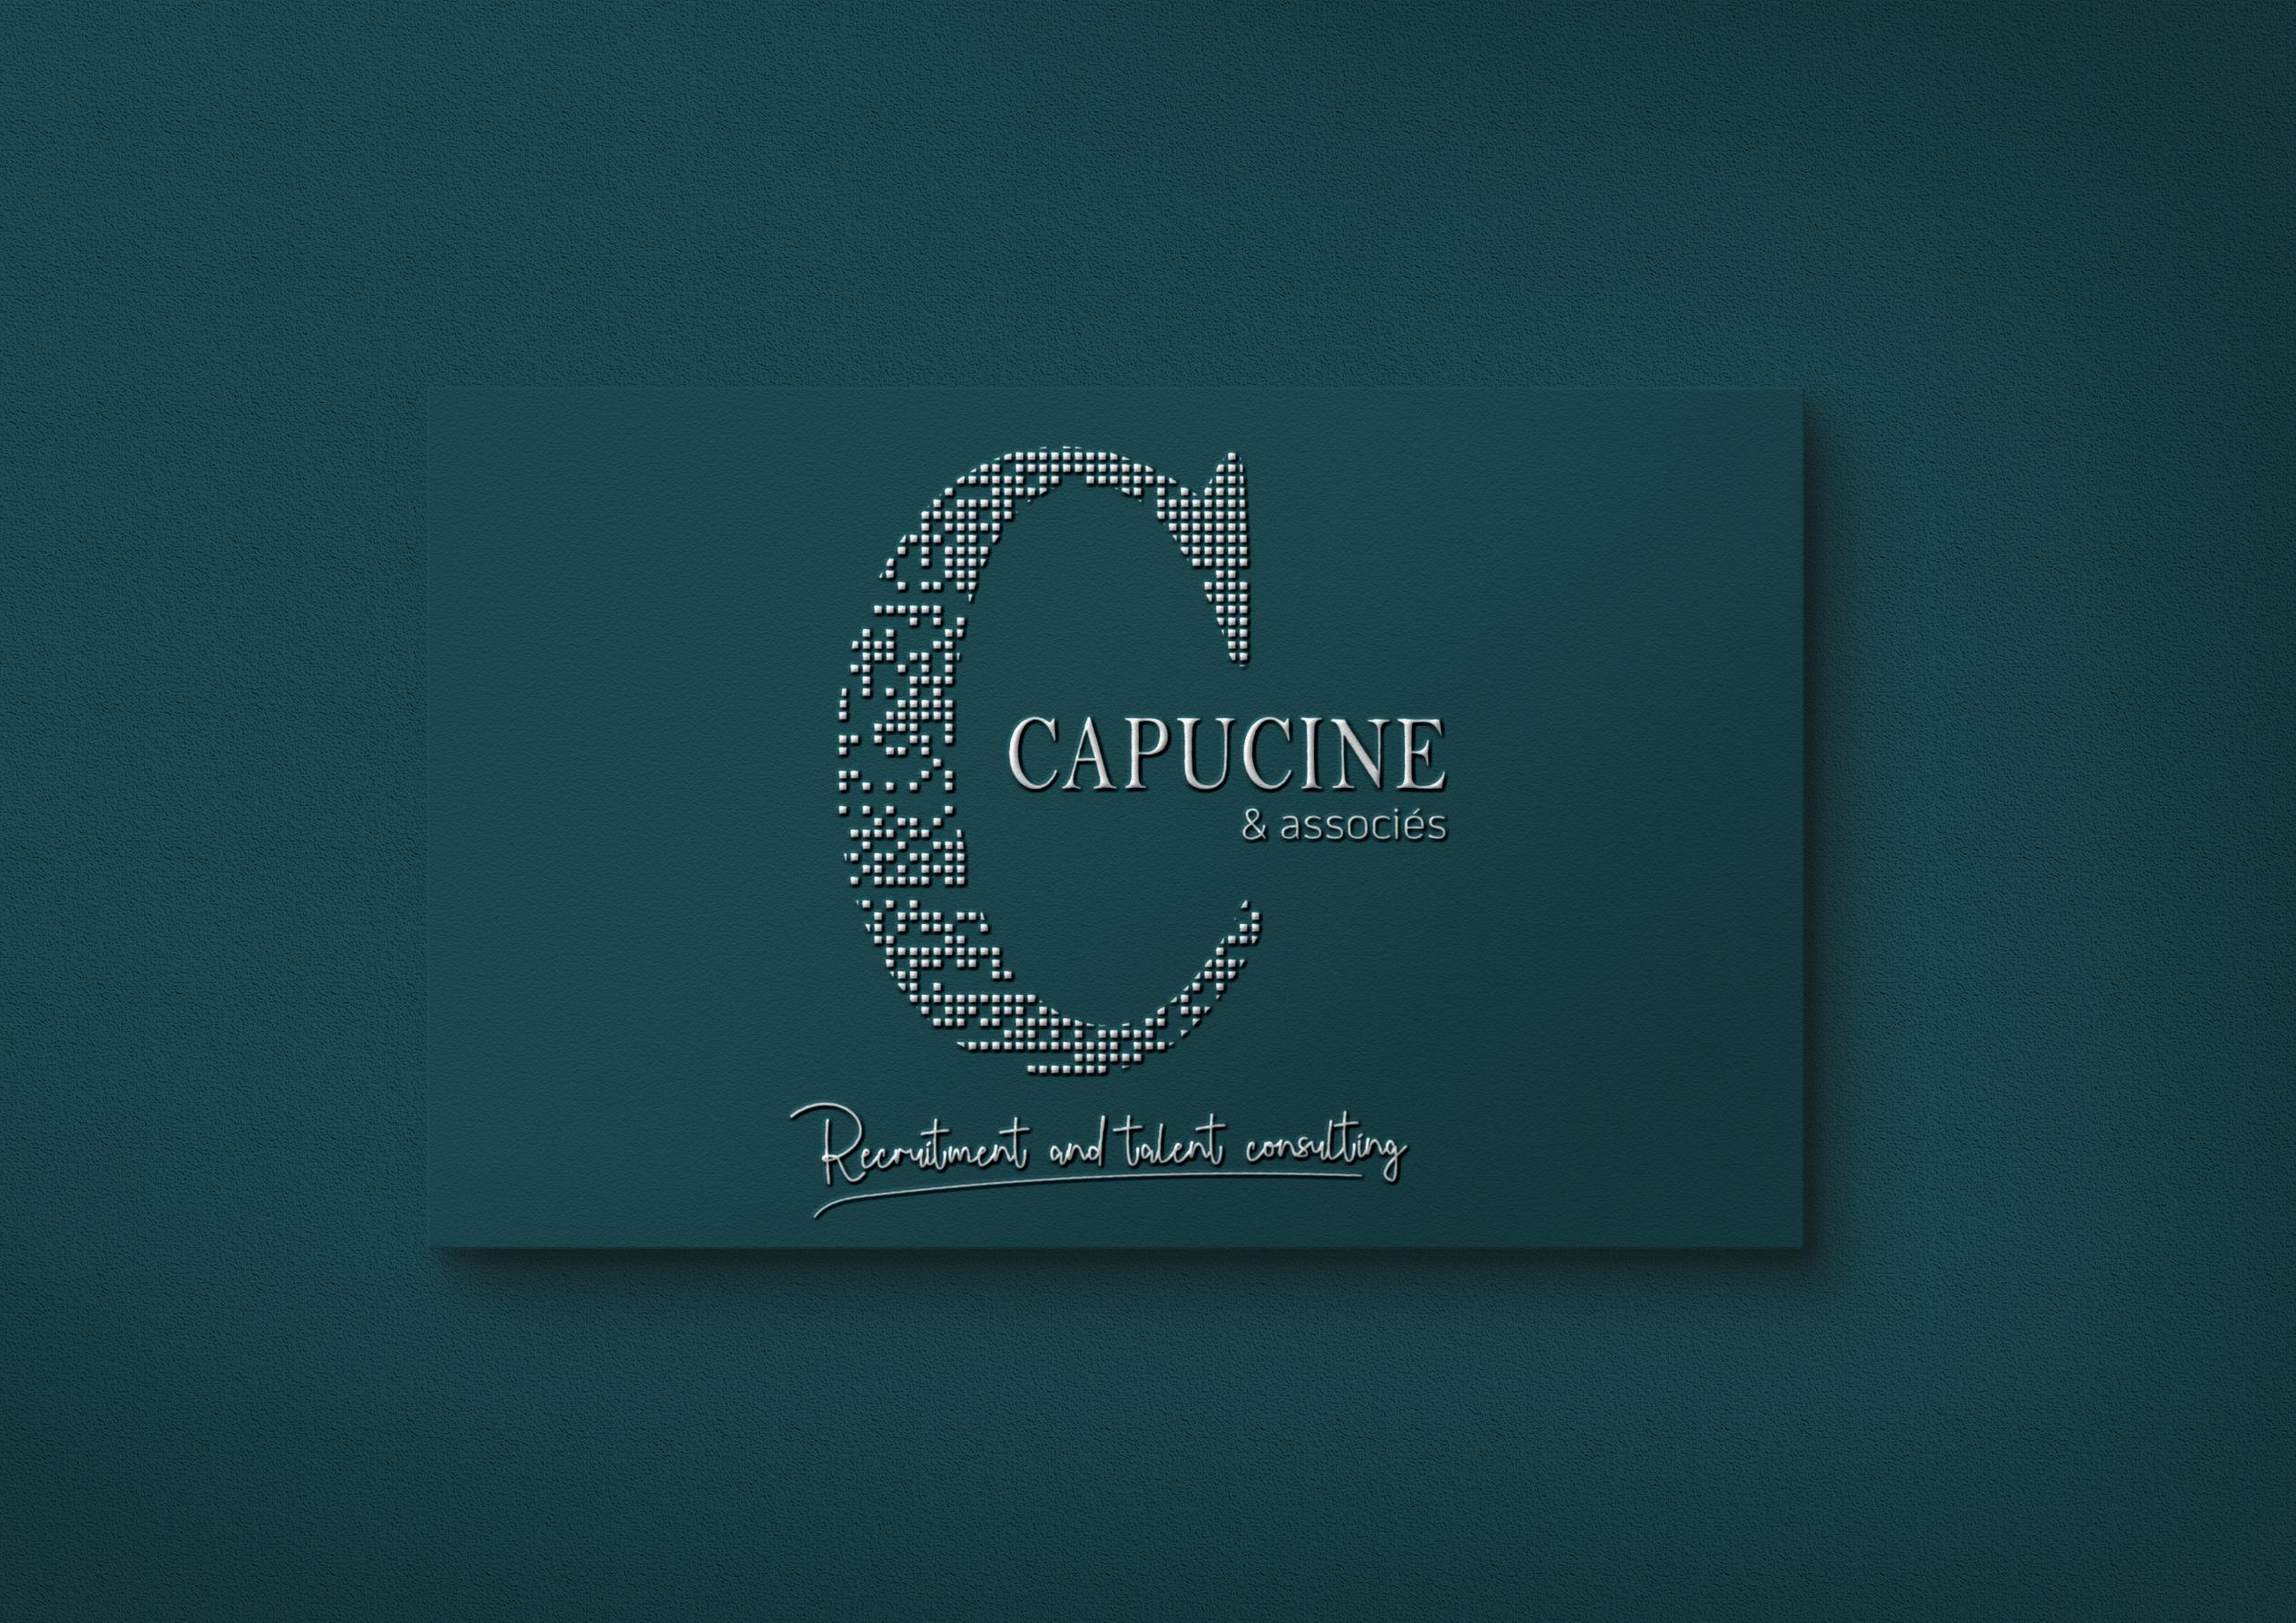 logo recrutement IT Capucine